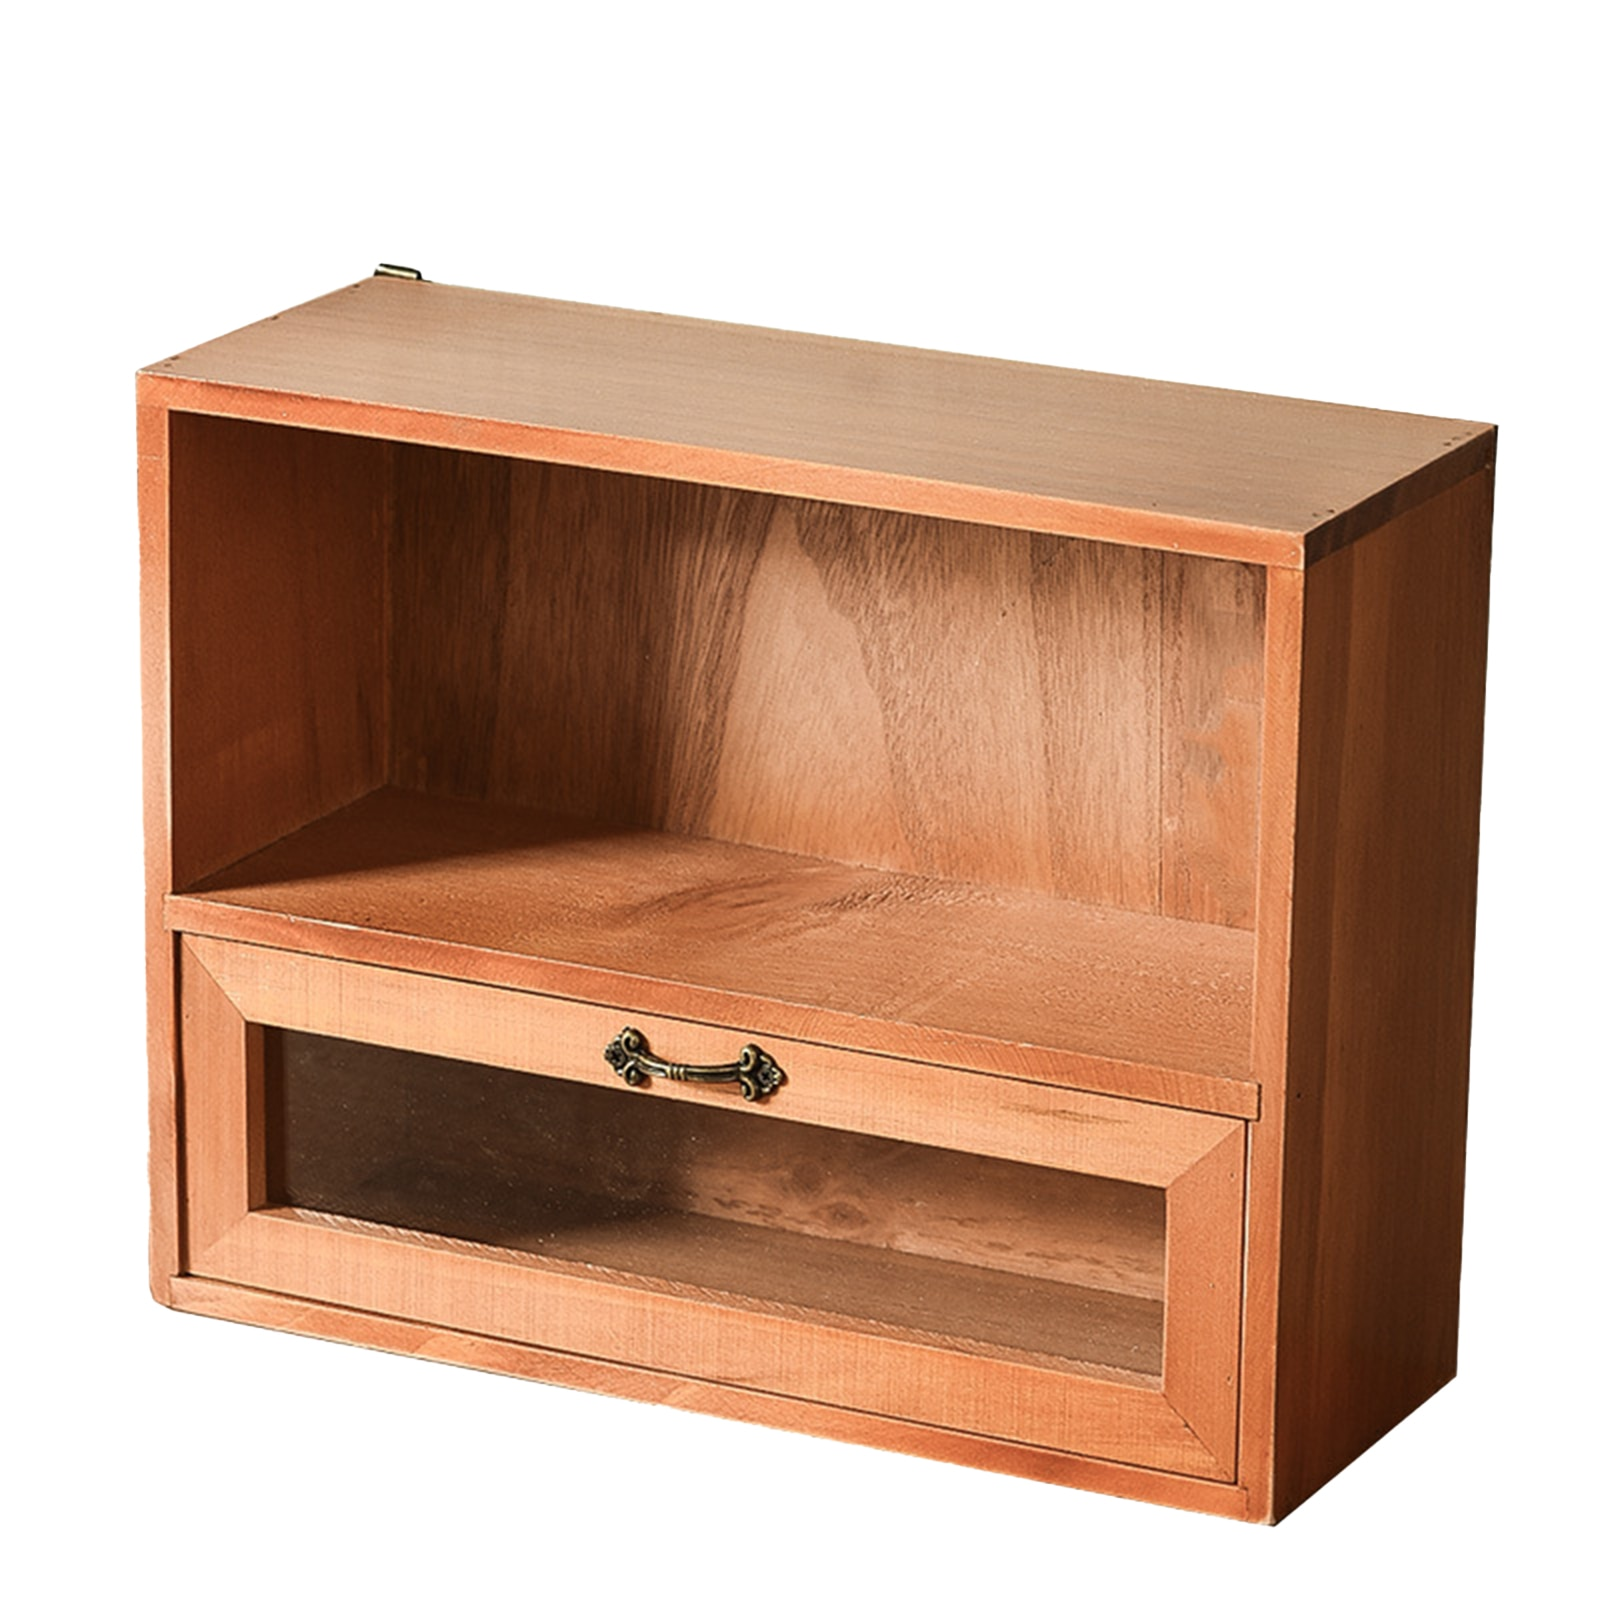 صندوق تخزين طبقة مزدوجة مع درج صندوق تخزين خشبي منظم للحلي مستحضرات التجميل مكتب غرفة نوم 31*11*24 سنتيمتر